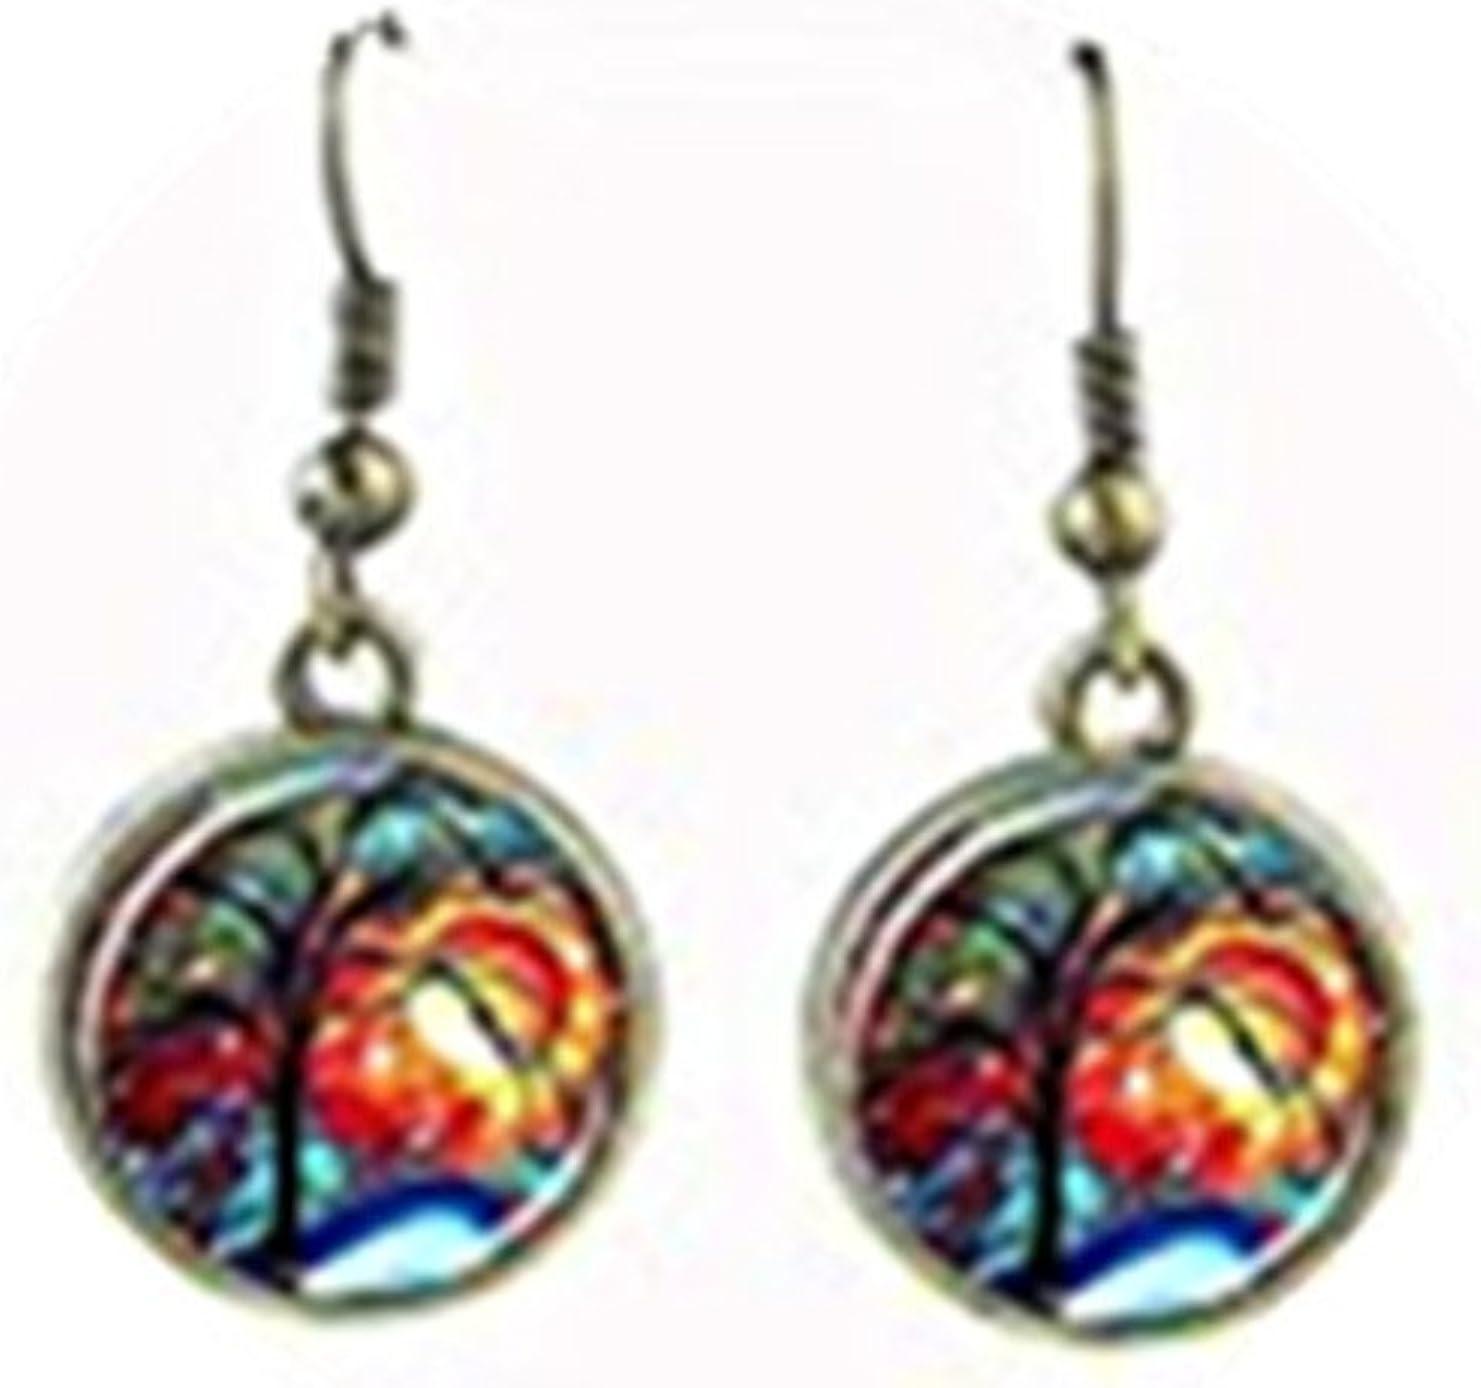 earrings tree of life jewelry bronze tree earring glass cabochon pendant women earings woodland ear ring jewellery gift